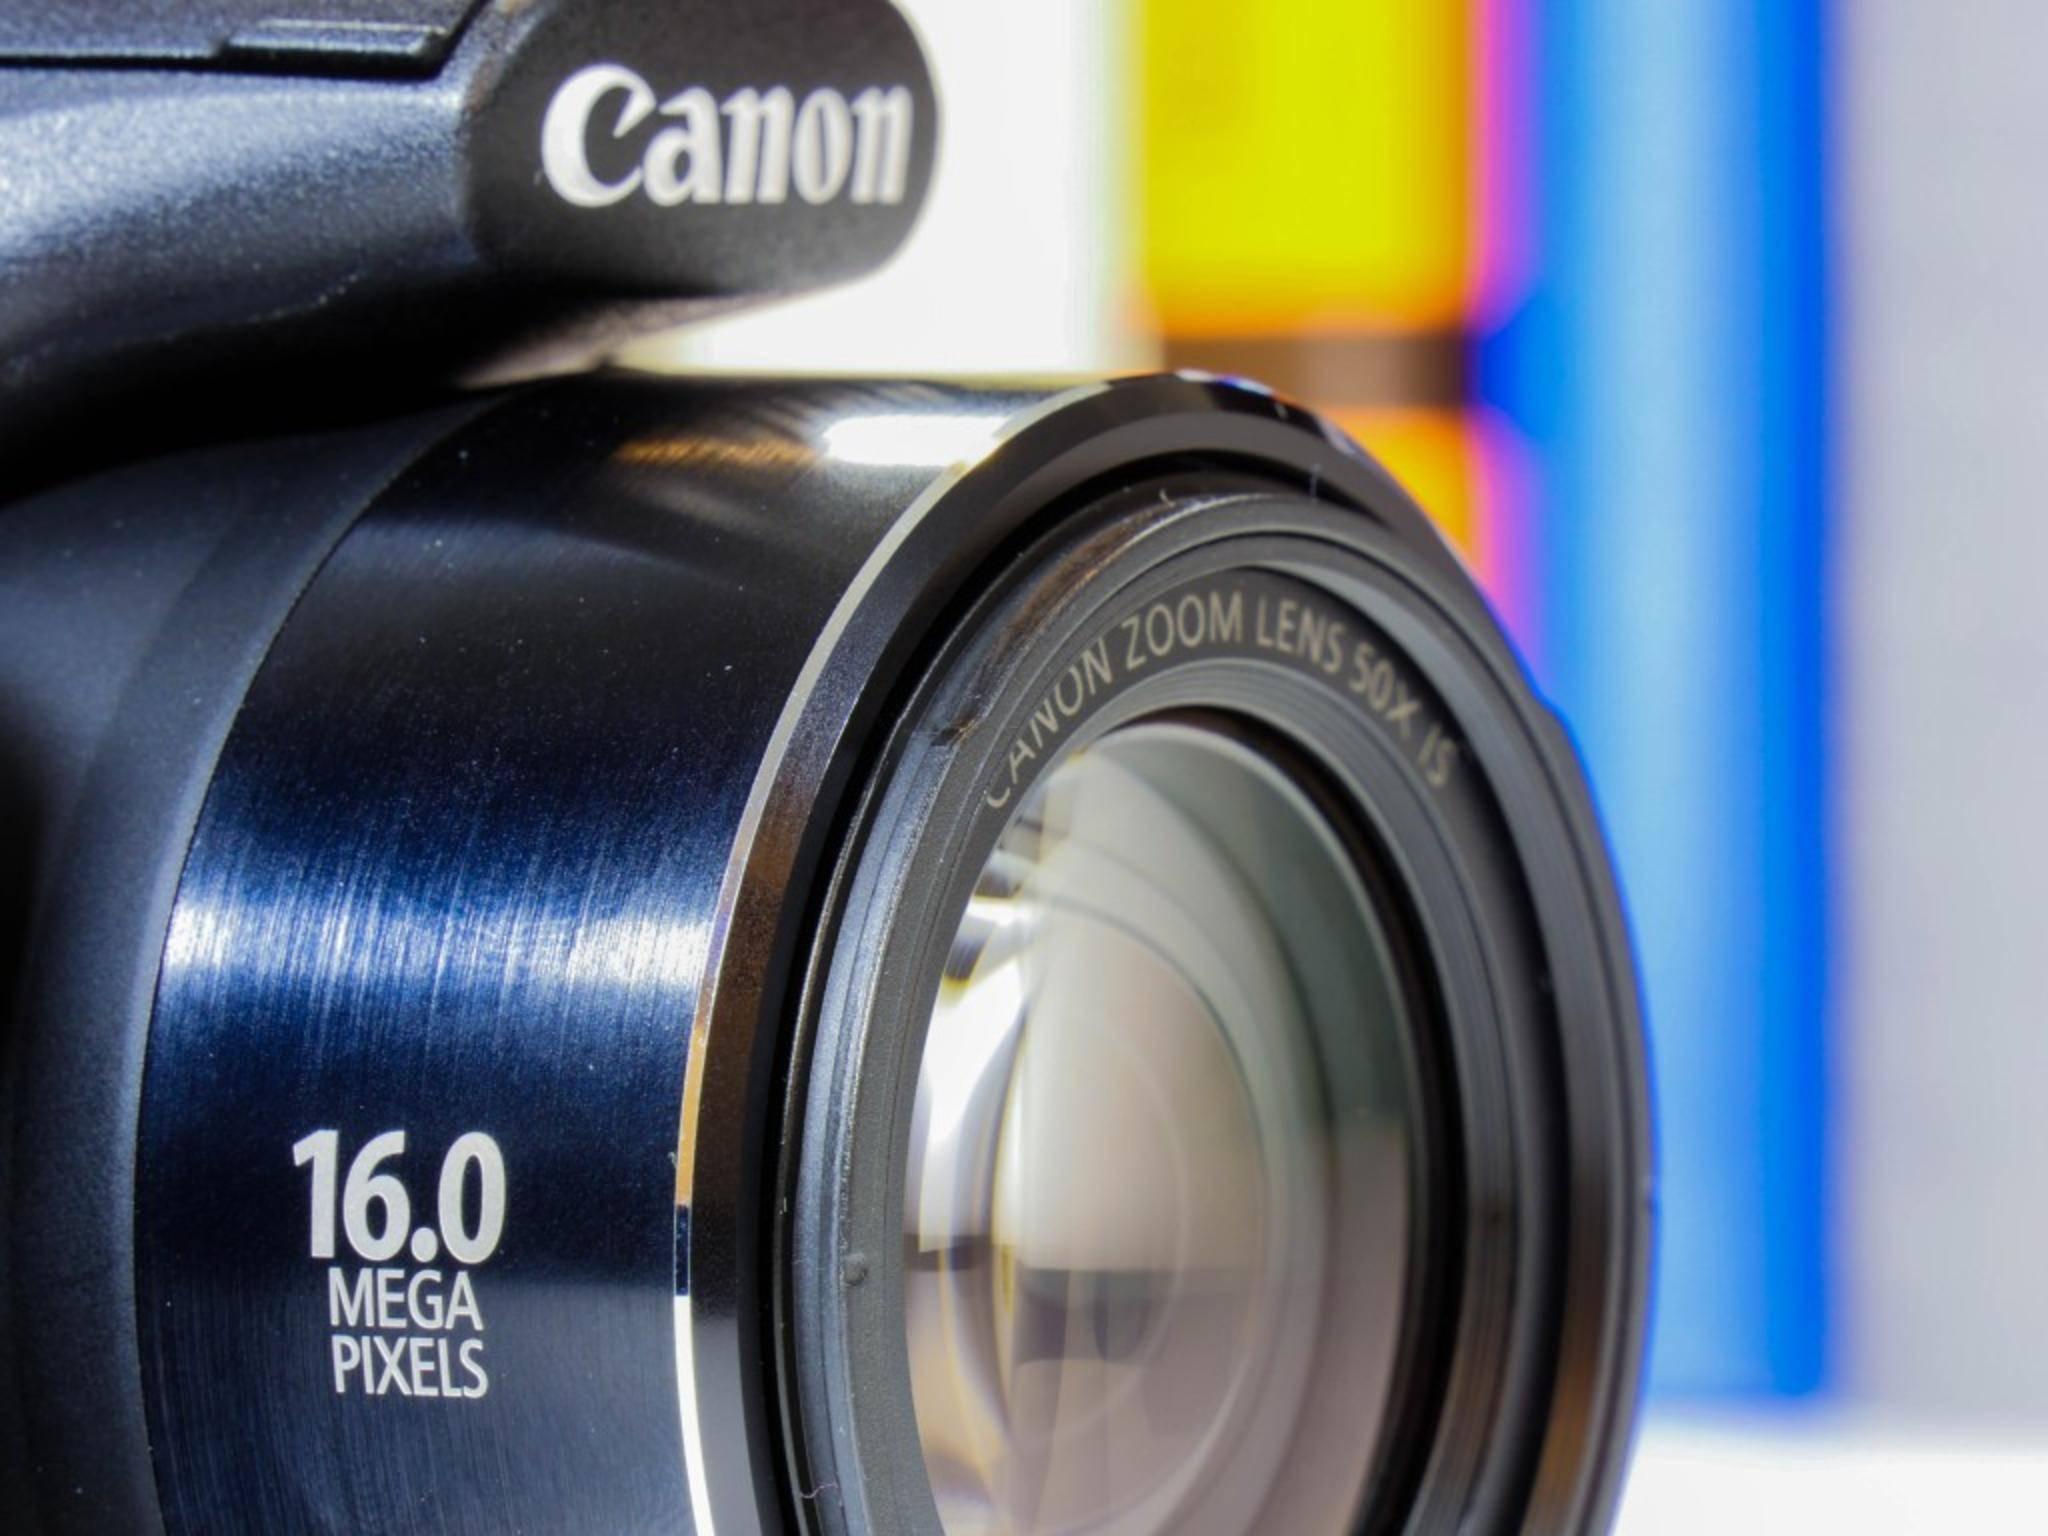 Die Brennweite der Optik entspricht einem Kleinbild-Pendant von 24 bis 1200 Millimetern.